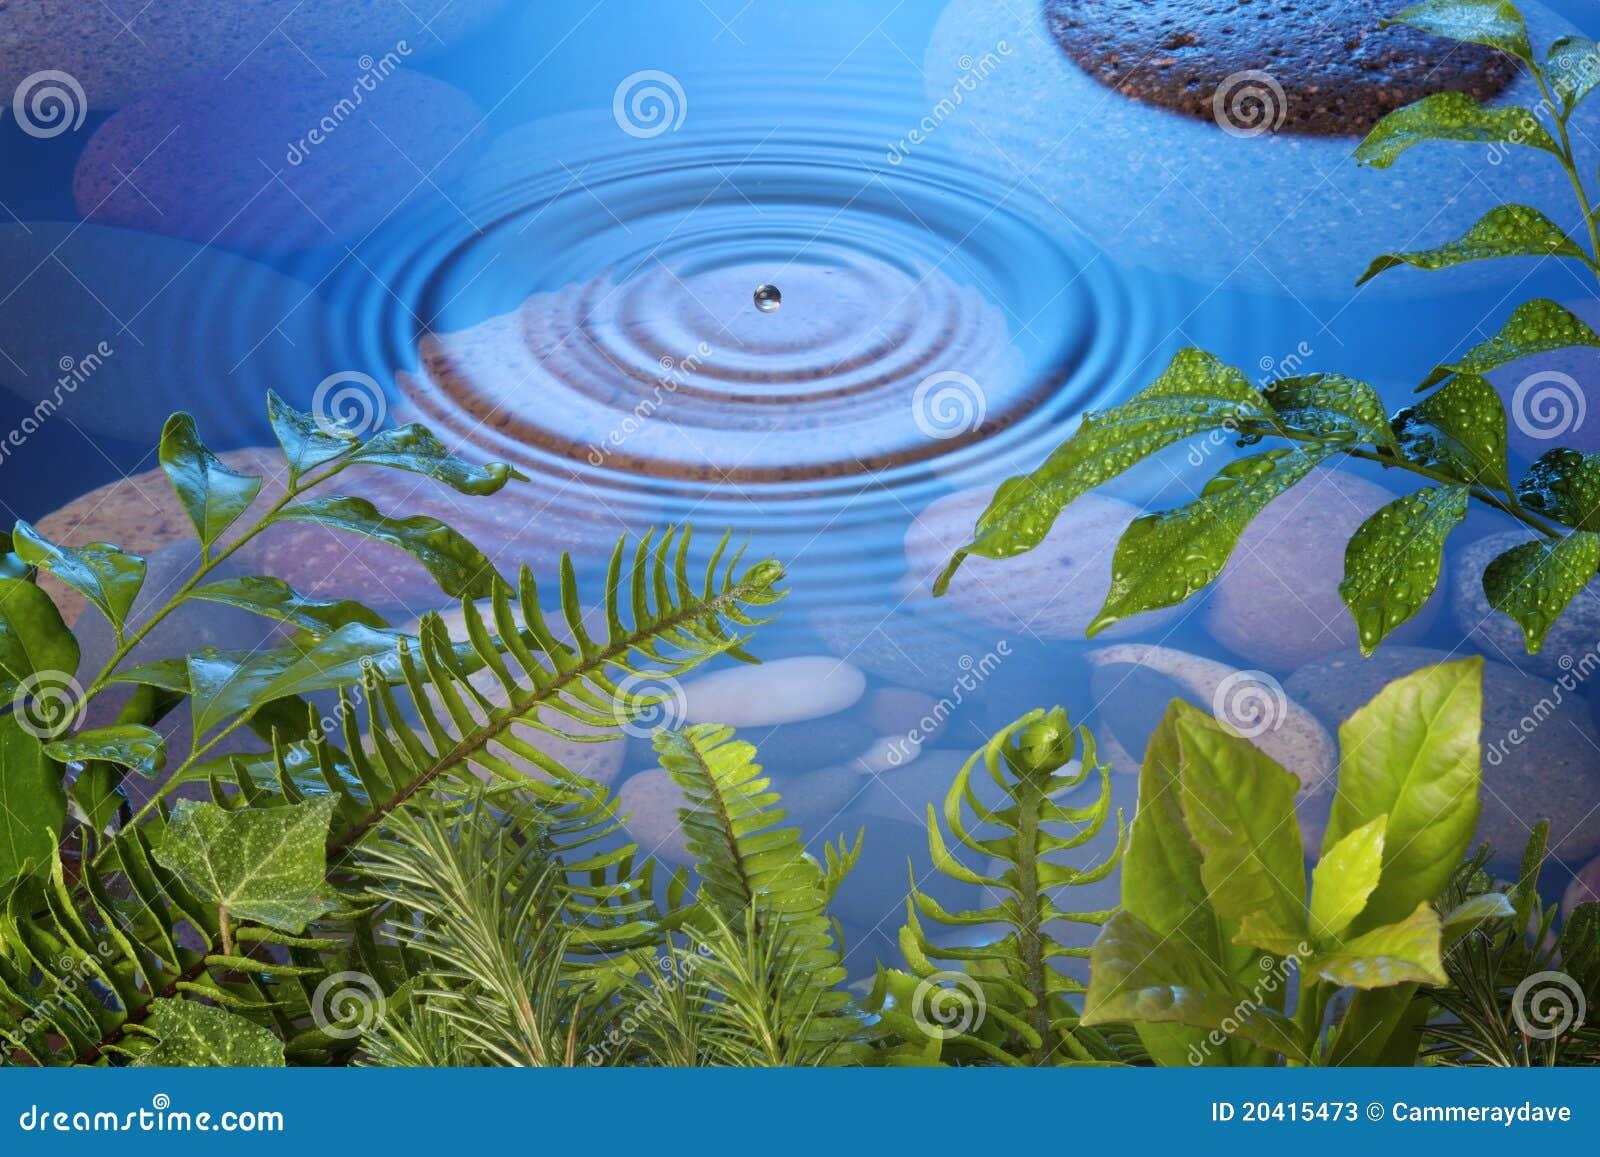 Droppe låter vara naturvatten